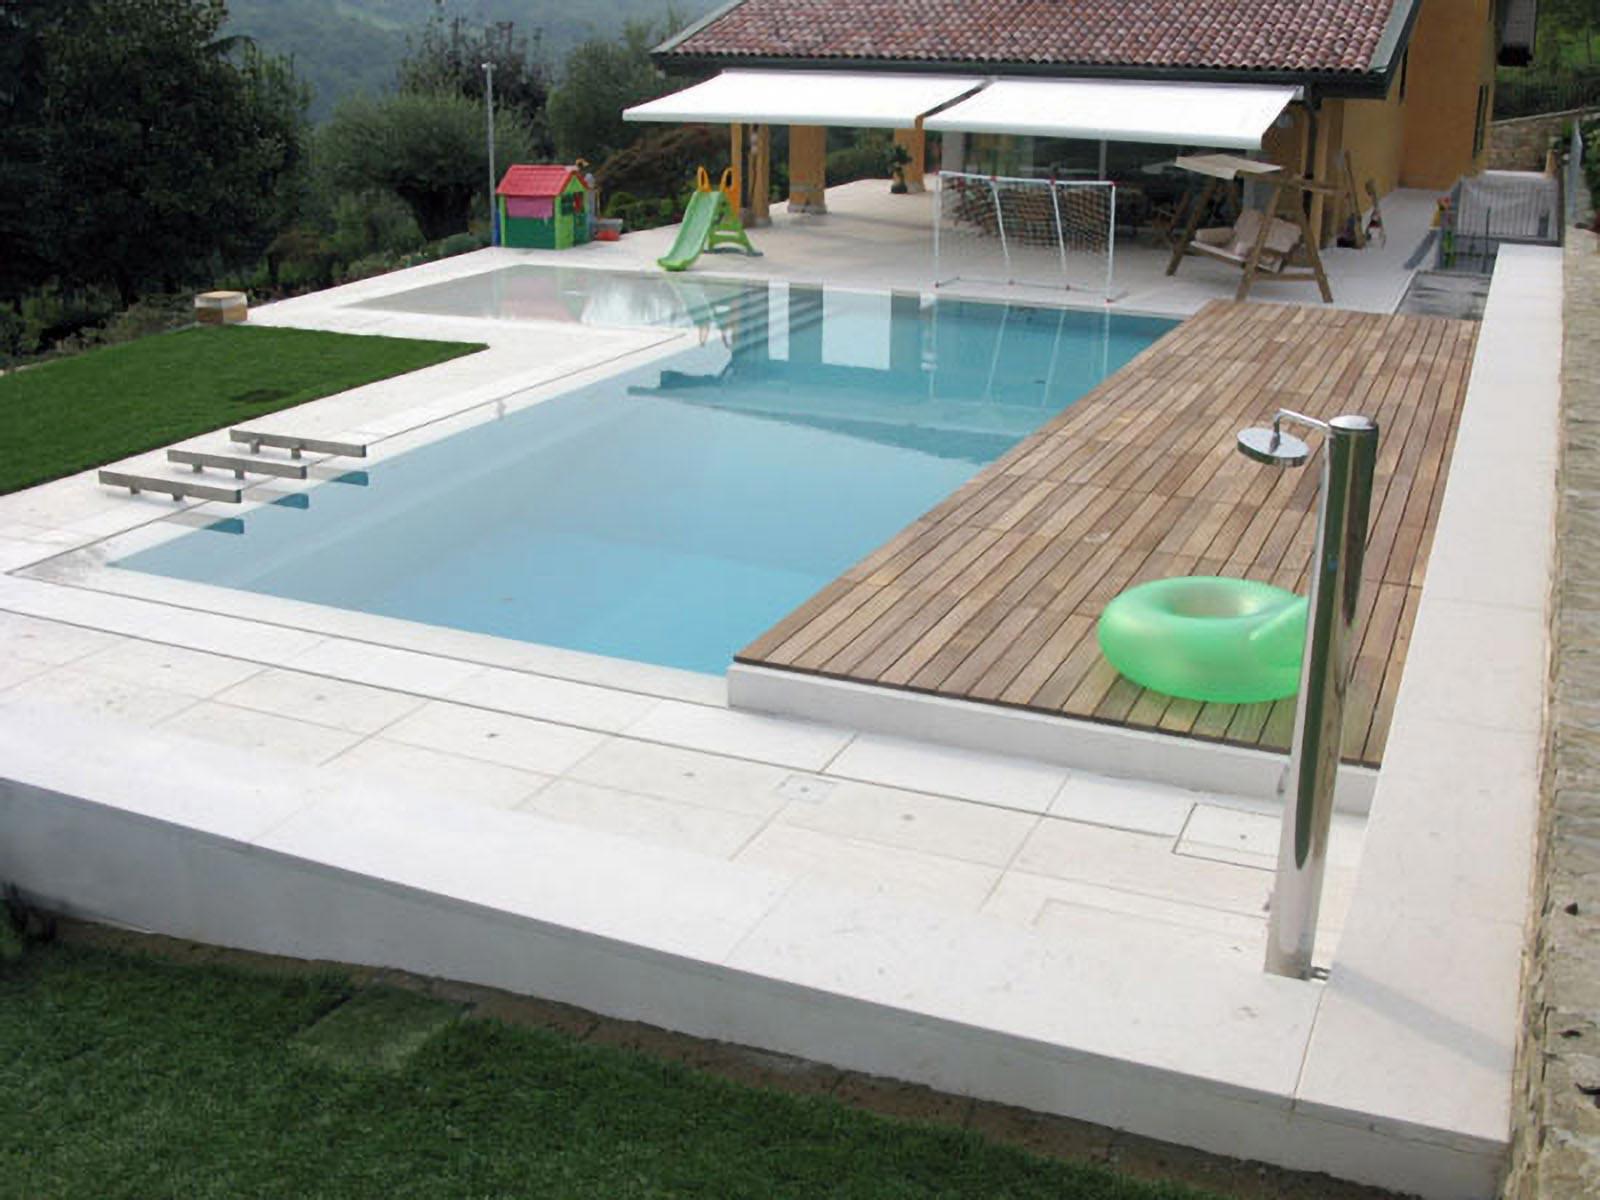 01 - Un elegante piscina a sfioro, abitare pavimenti, classica, pietra della lessinia bianca, abitazioni, lastricato, scale